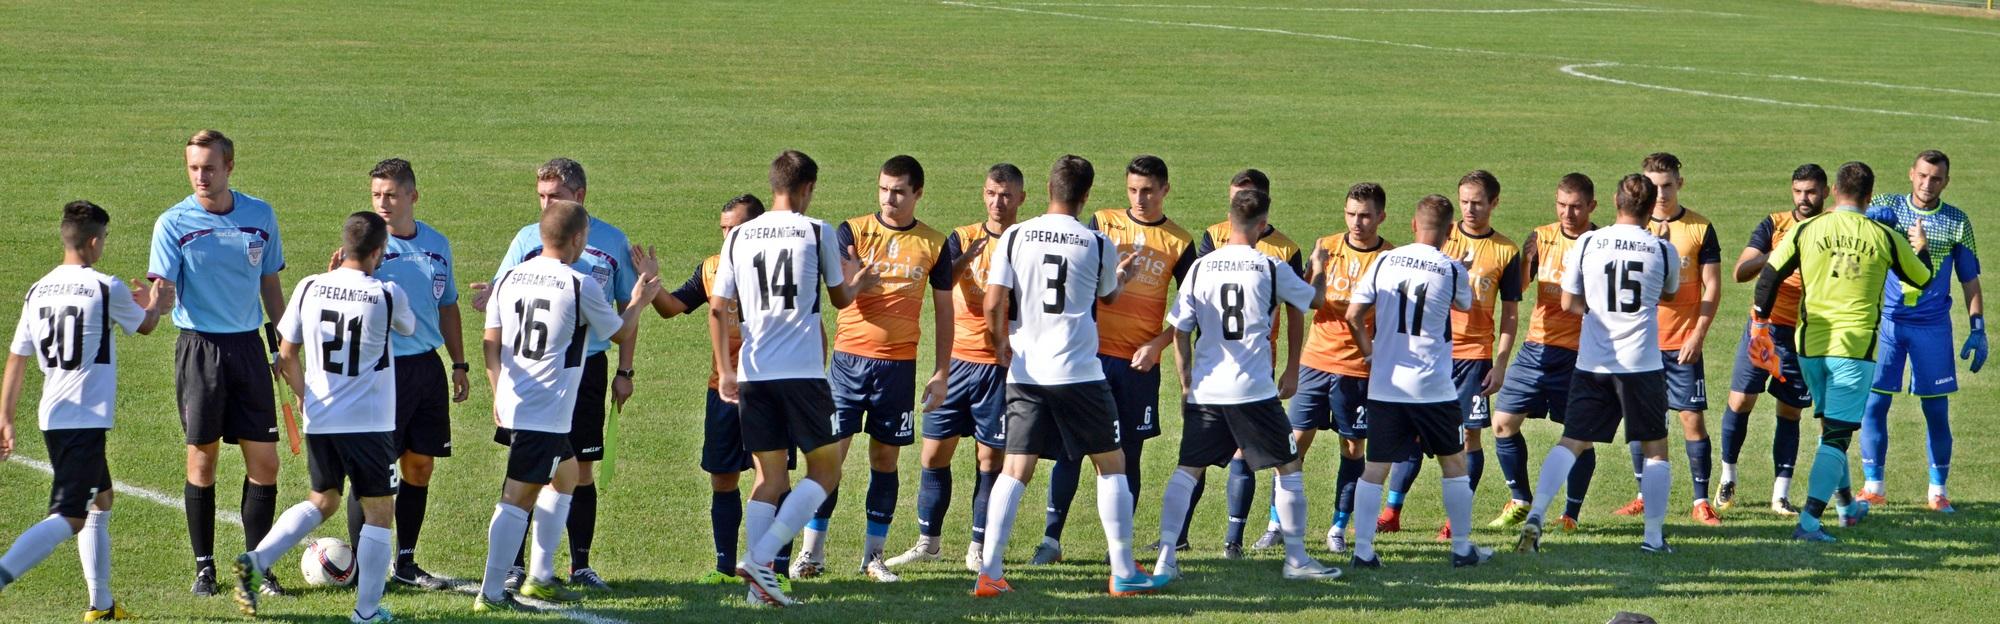 Echipele locale încep returul Ligii 4 pe teren propriu